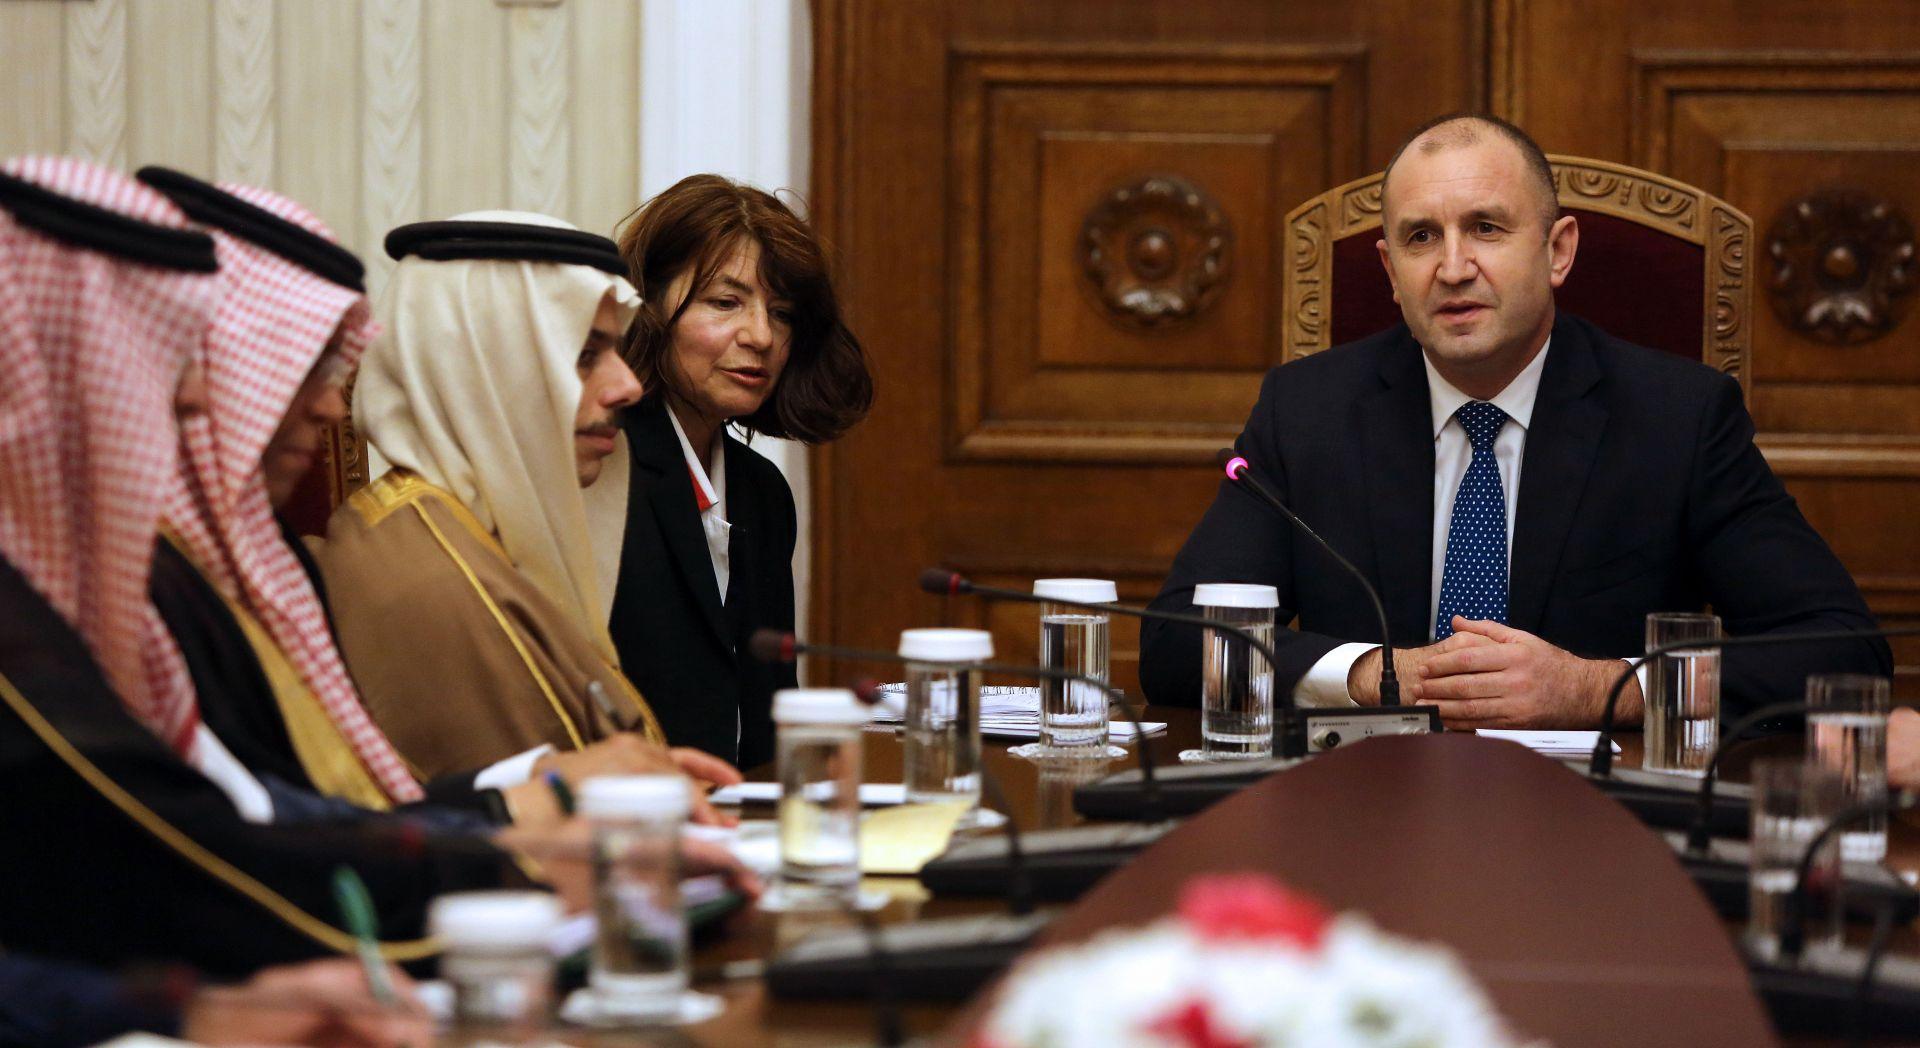 Радев по време на визитата с принц Ал Сауд.